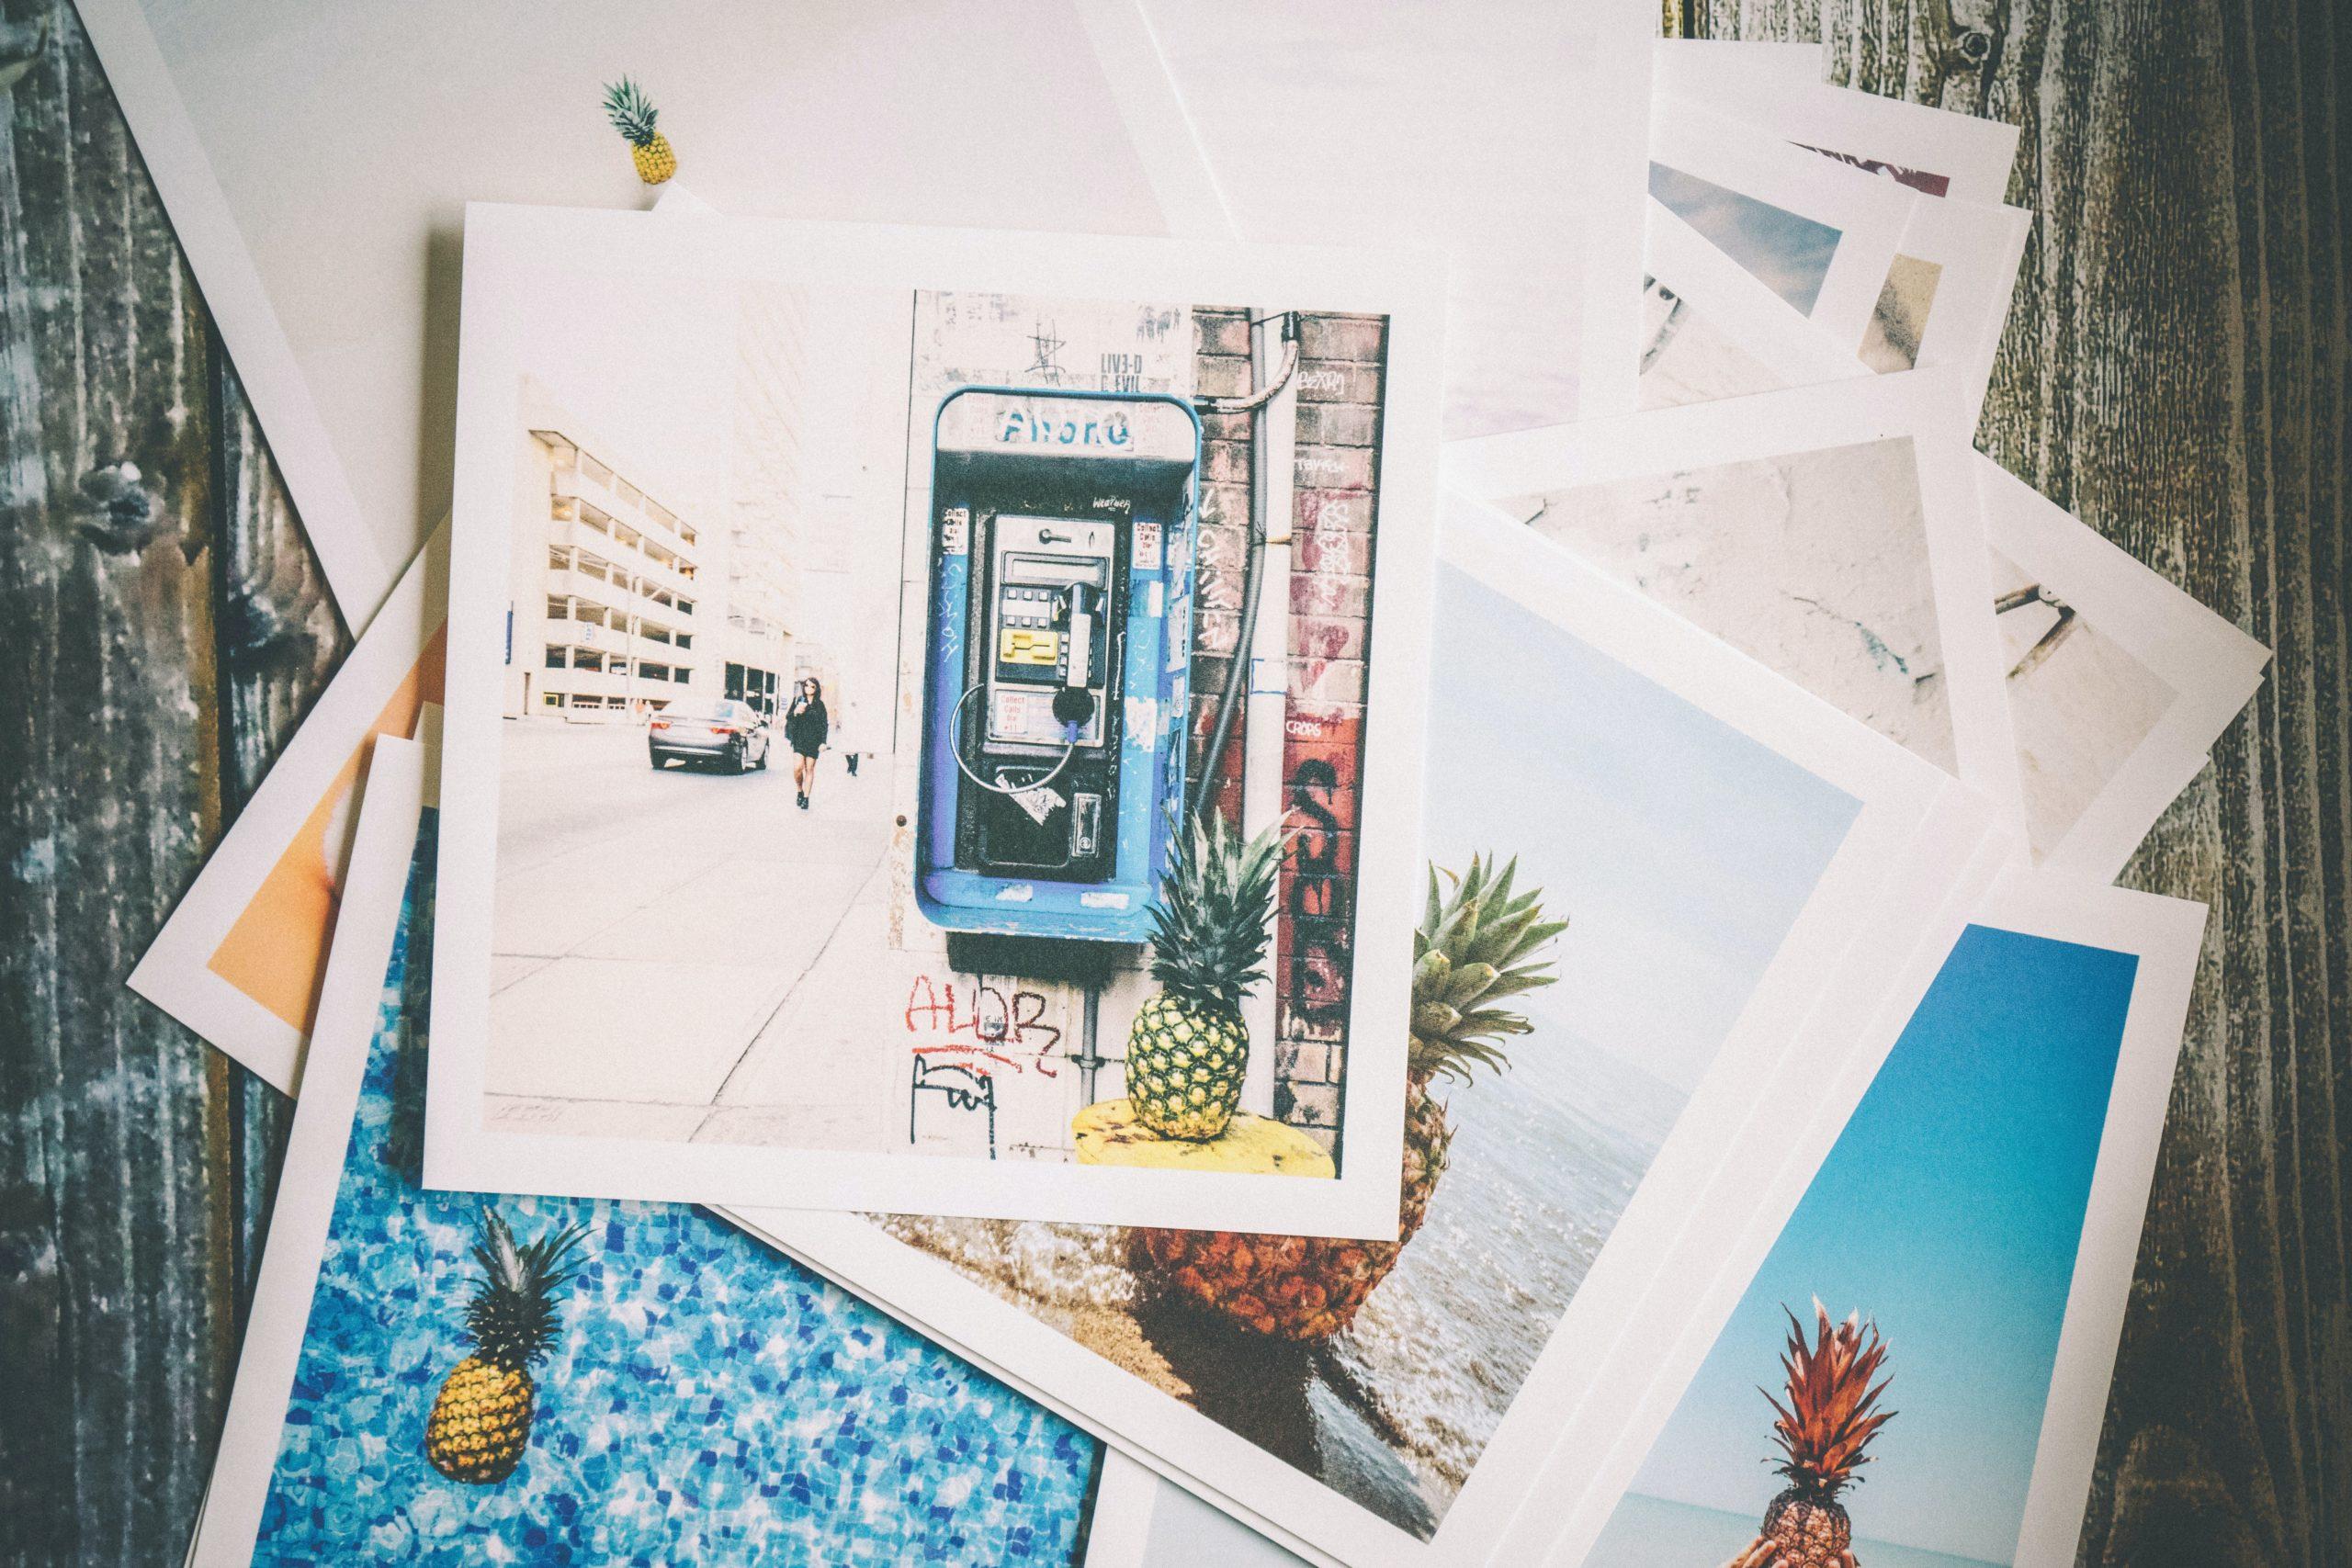 Postkarten, Flyer, Postkarte Werbung, Marketing, Printwerbung, Verteiler